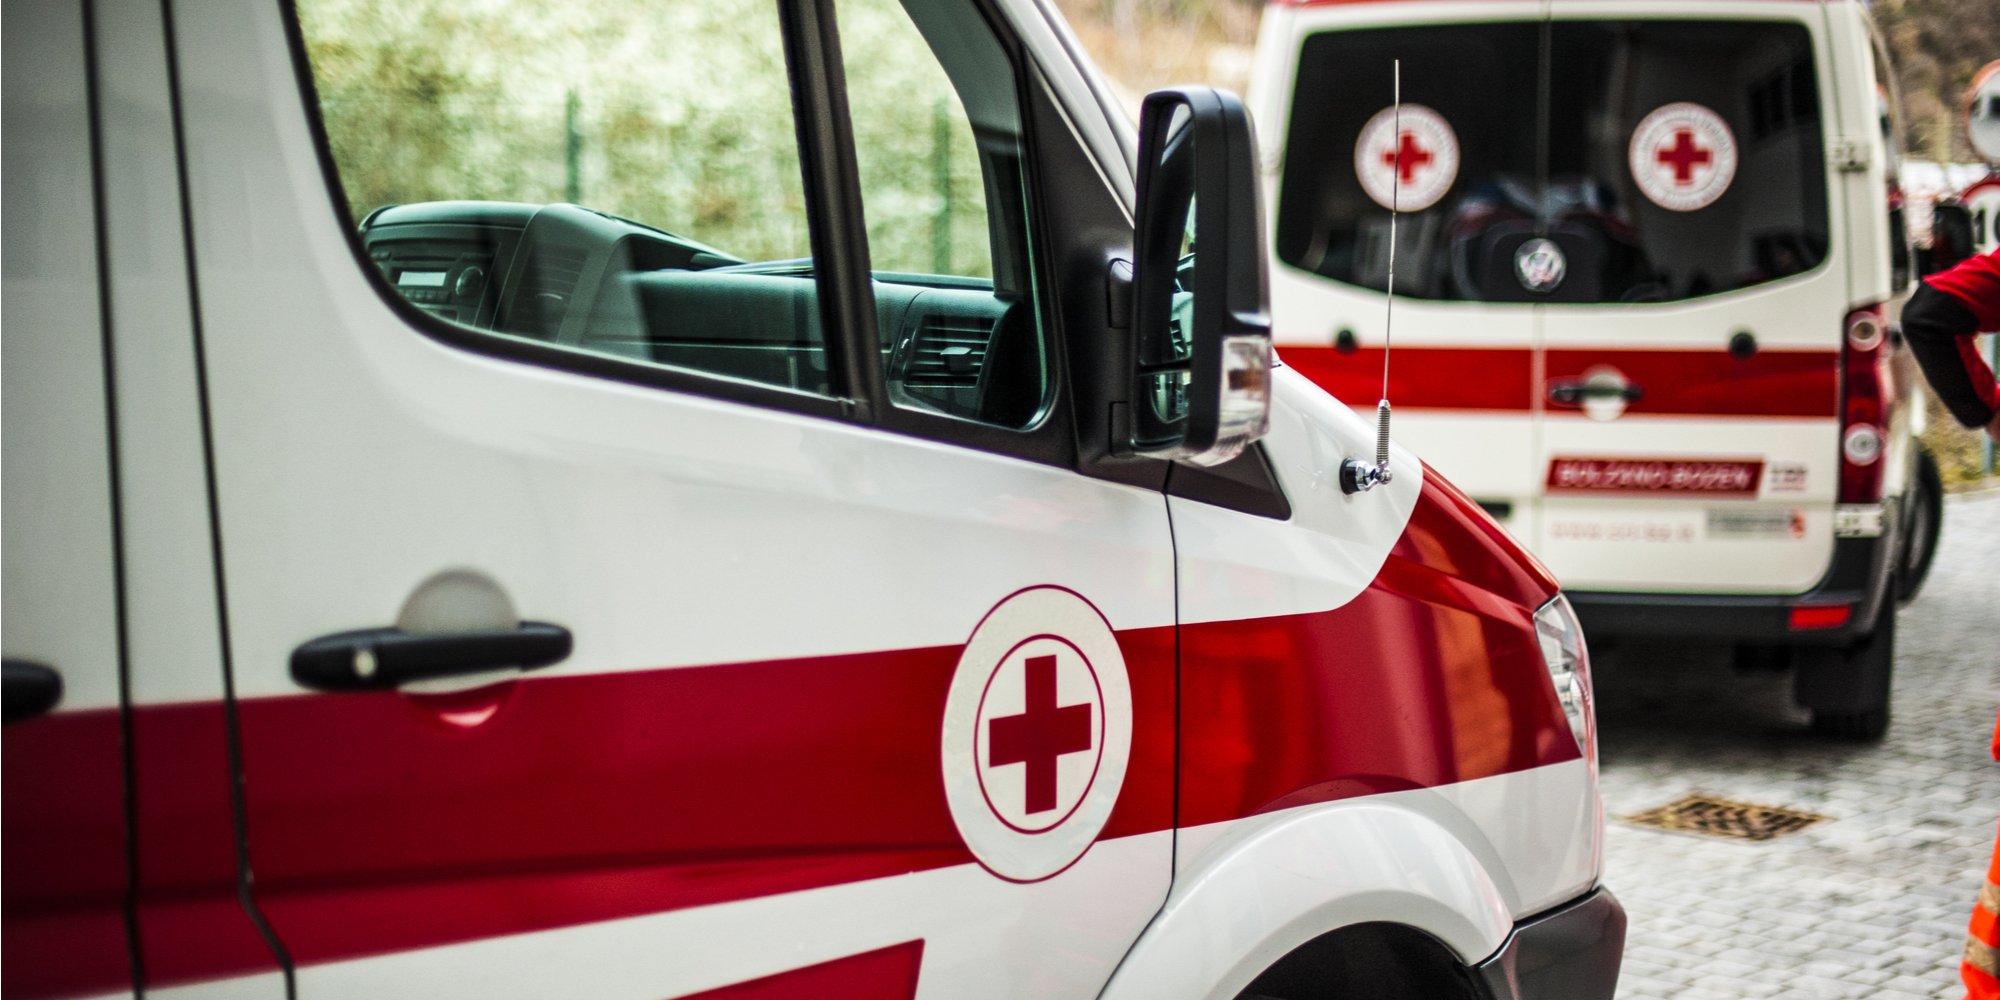 Asistencia sanitaria a las víctimas de accidentes de tráfico